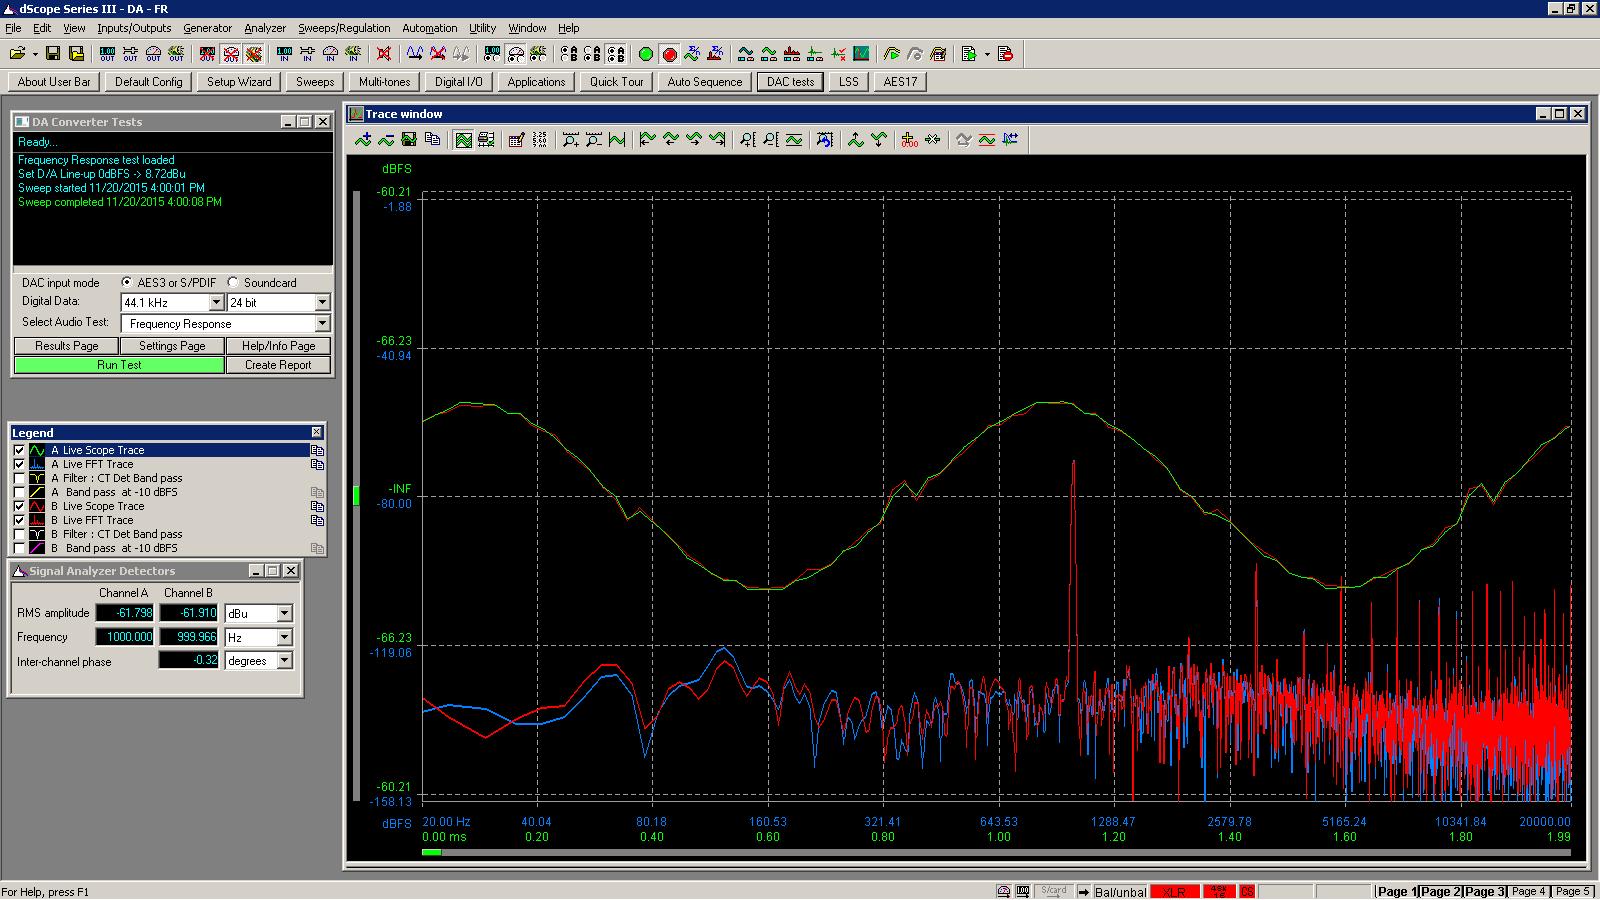 20151120 Bifrost MB SE 1KHz -70 dBFS - toslink.PNG